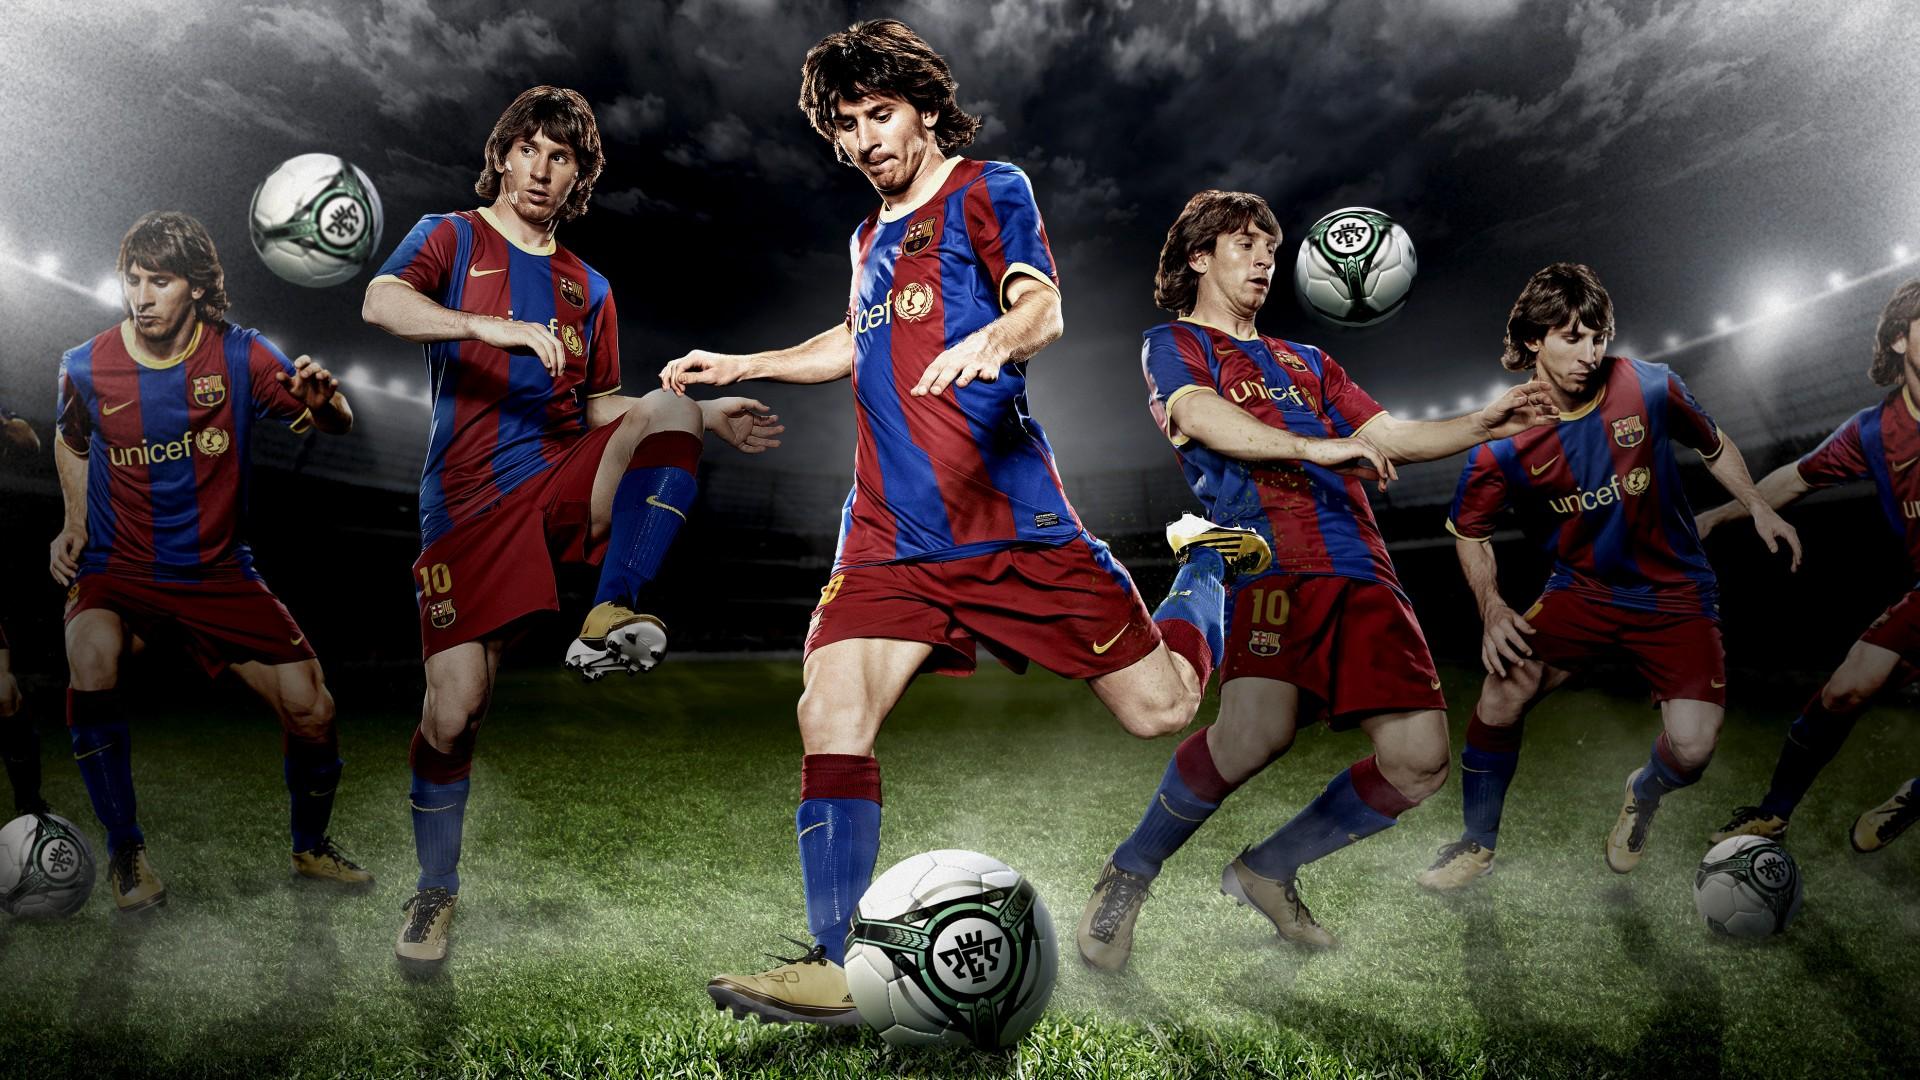 футбол картинки для фотообоев местном